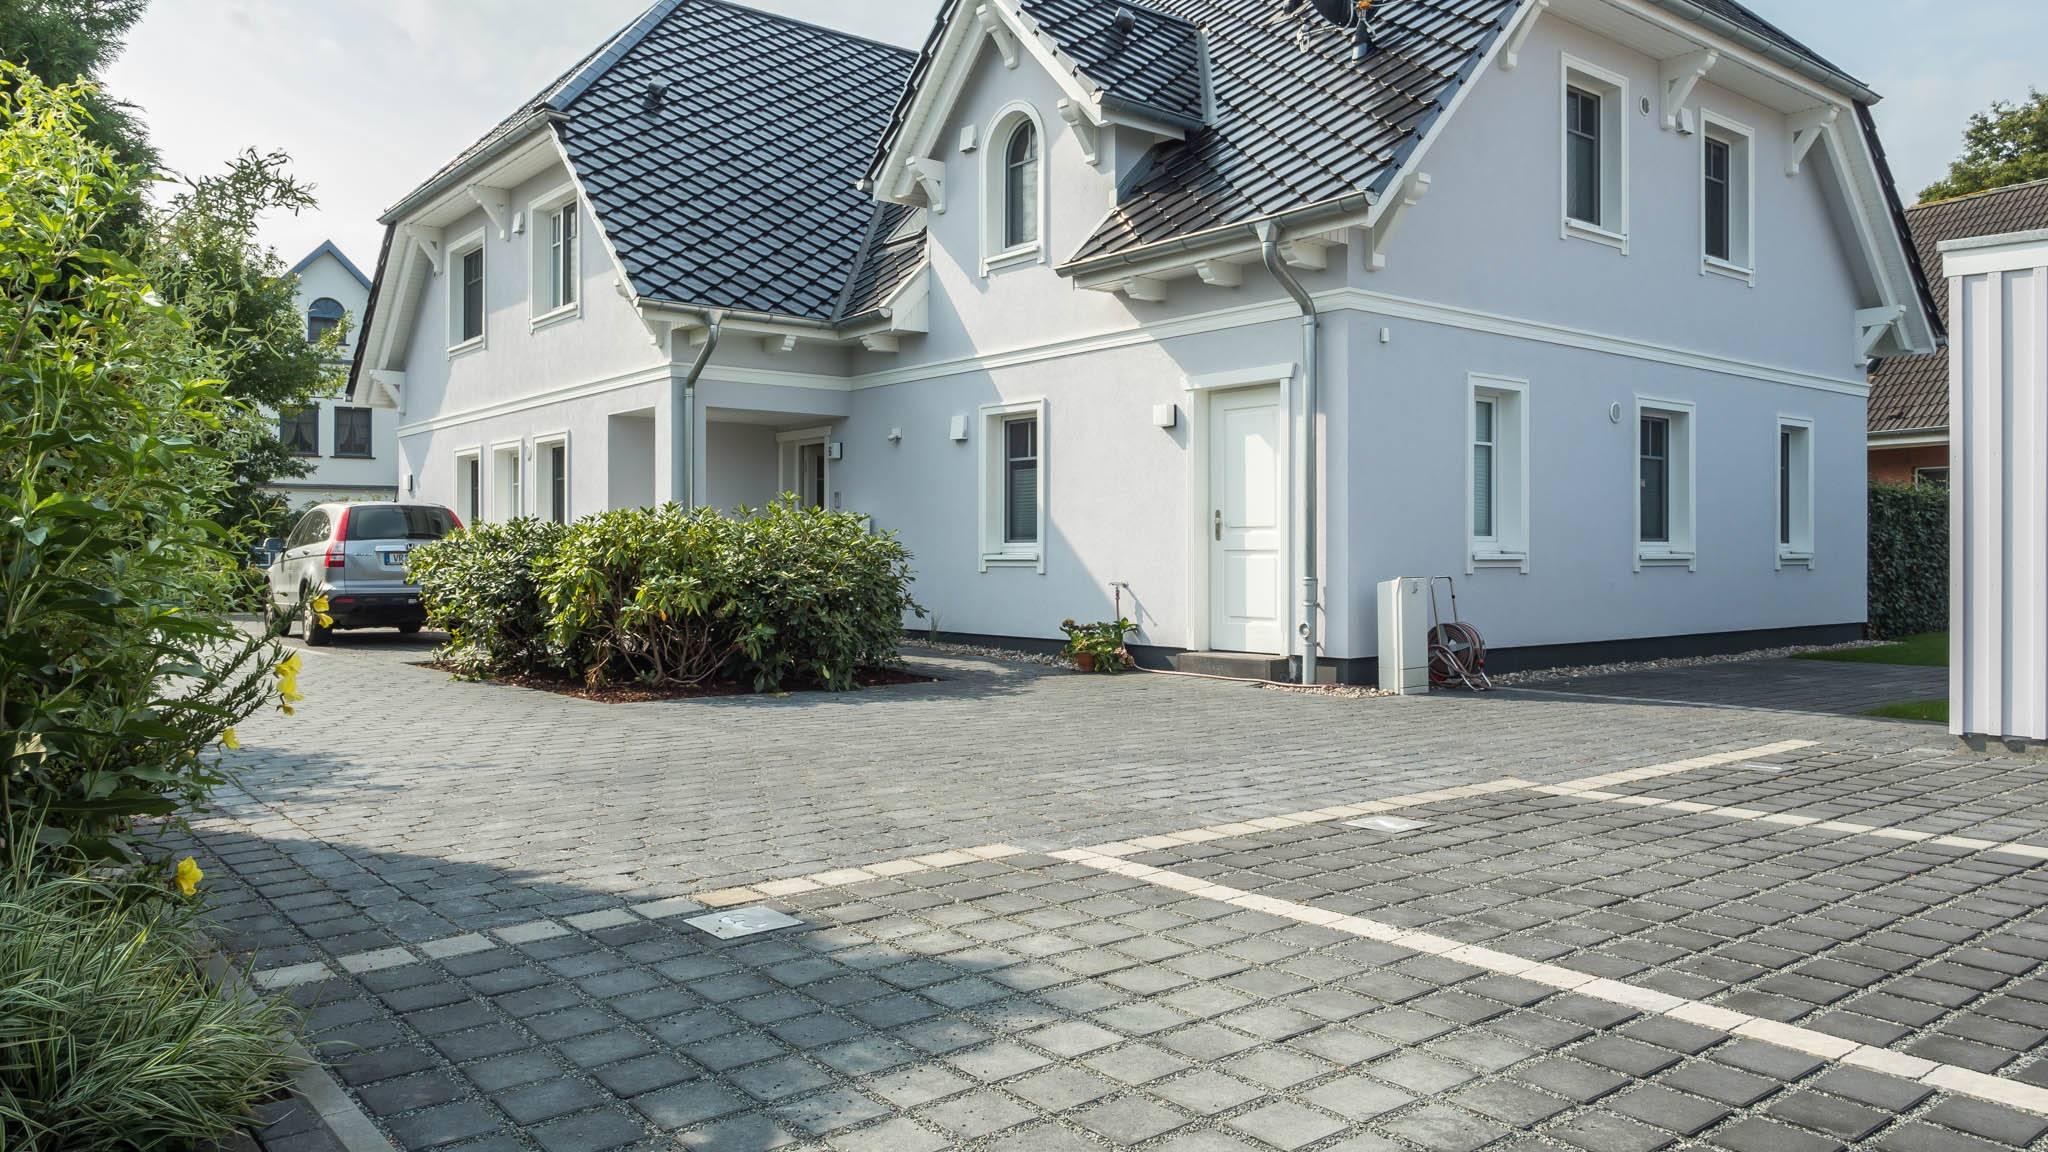 Ferienhaus meerle – Parkplätze